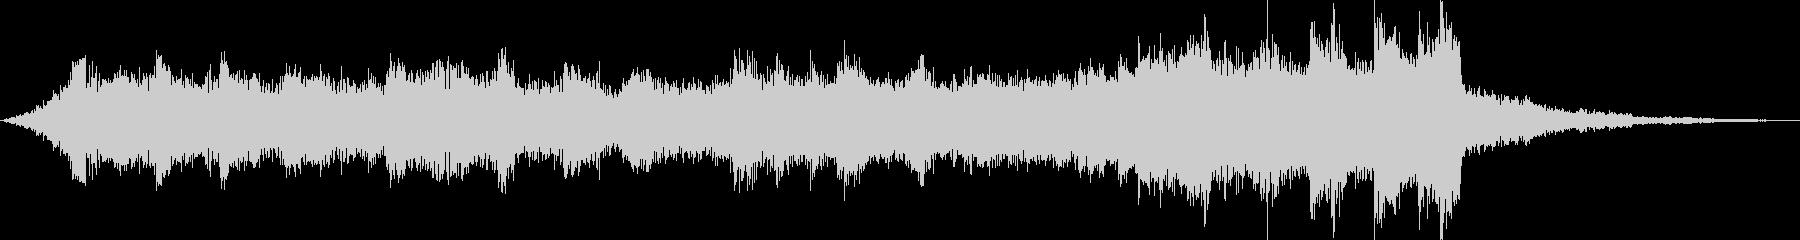 チルアウト雄大なトロピカルハウスfの未再生の波形